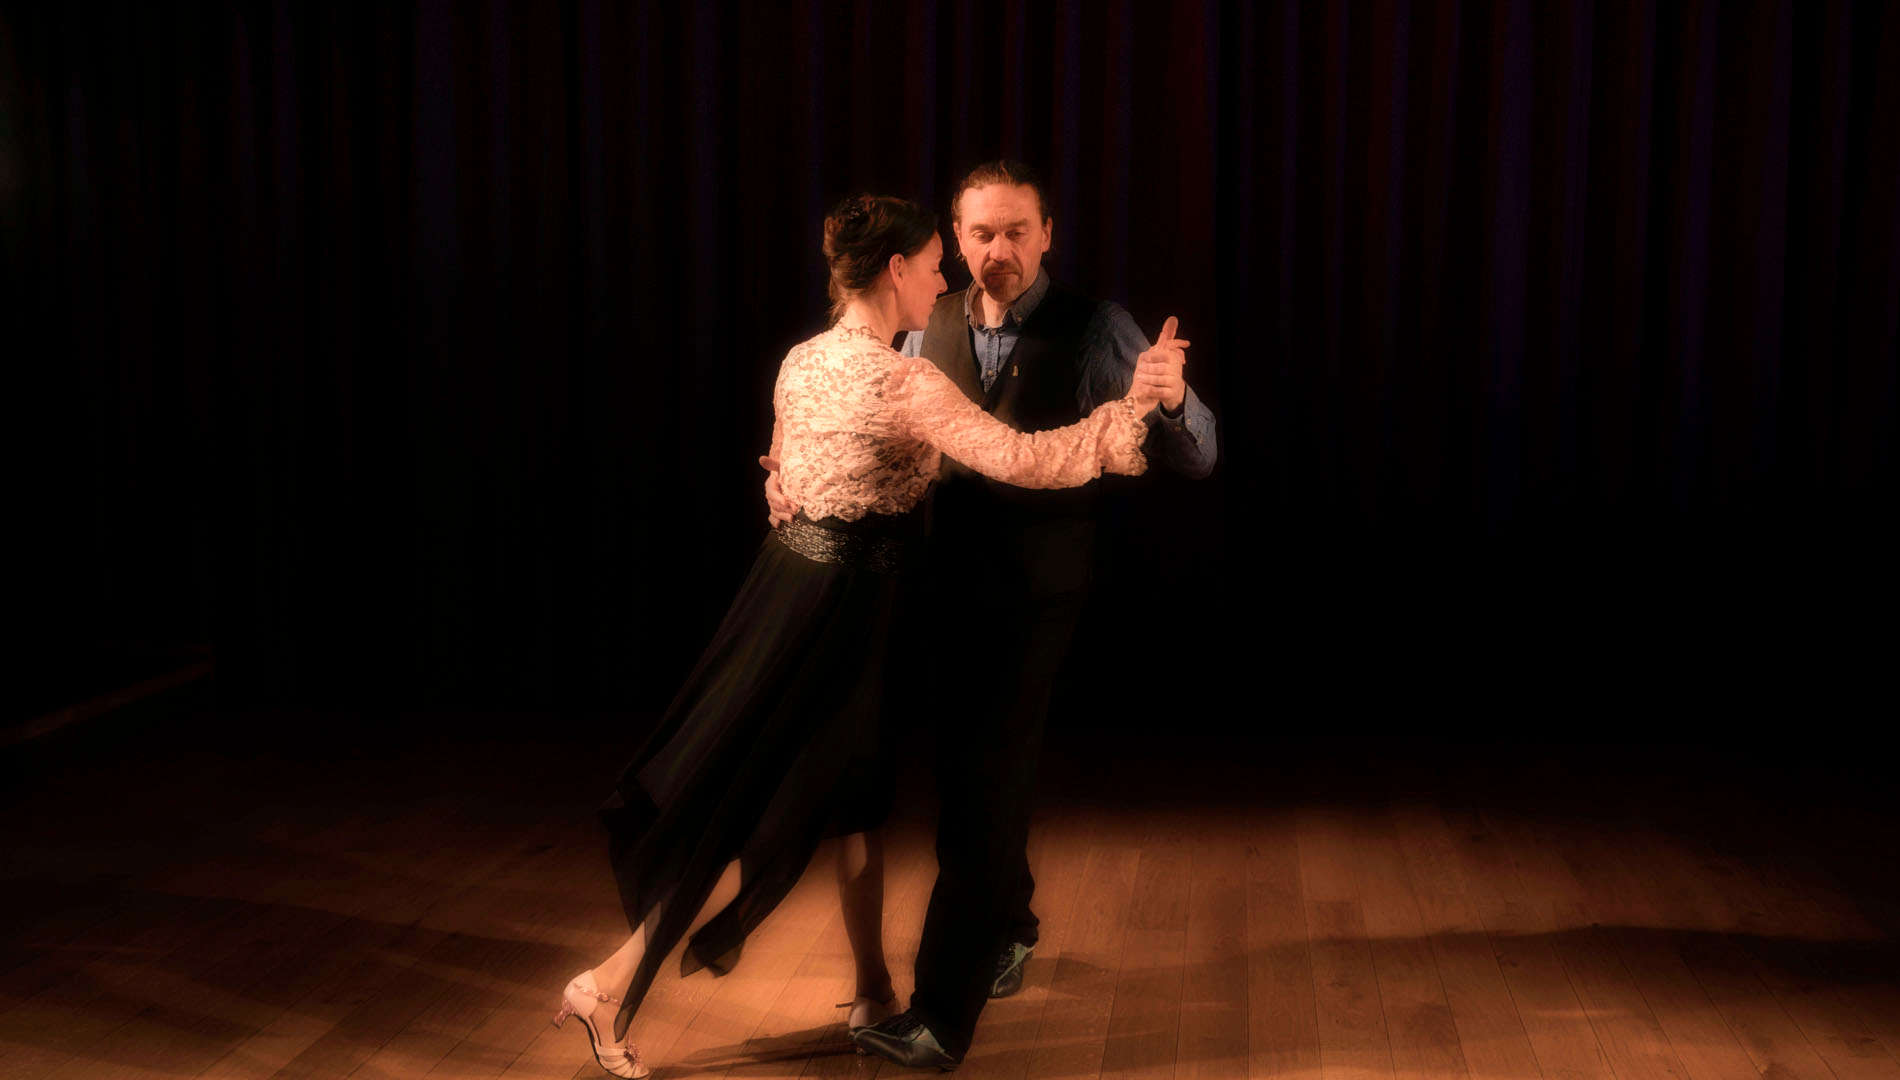 Tangofoto Hermann Steigert   Tangotänzer Veronique Geng und Didier Krebs  Tangotanzen in Freiburg